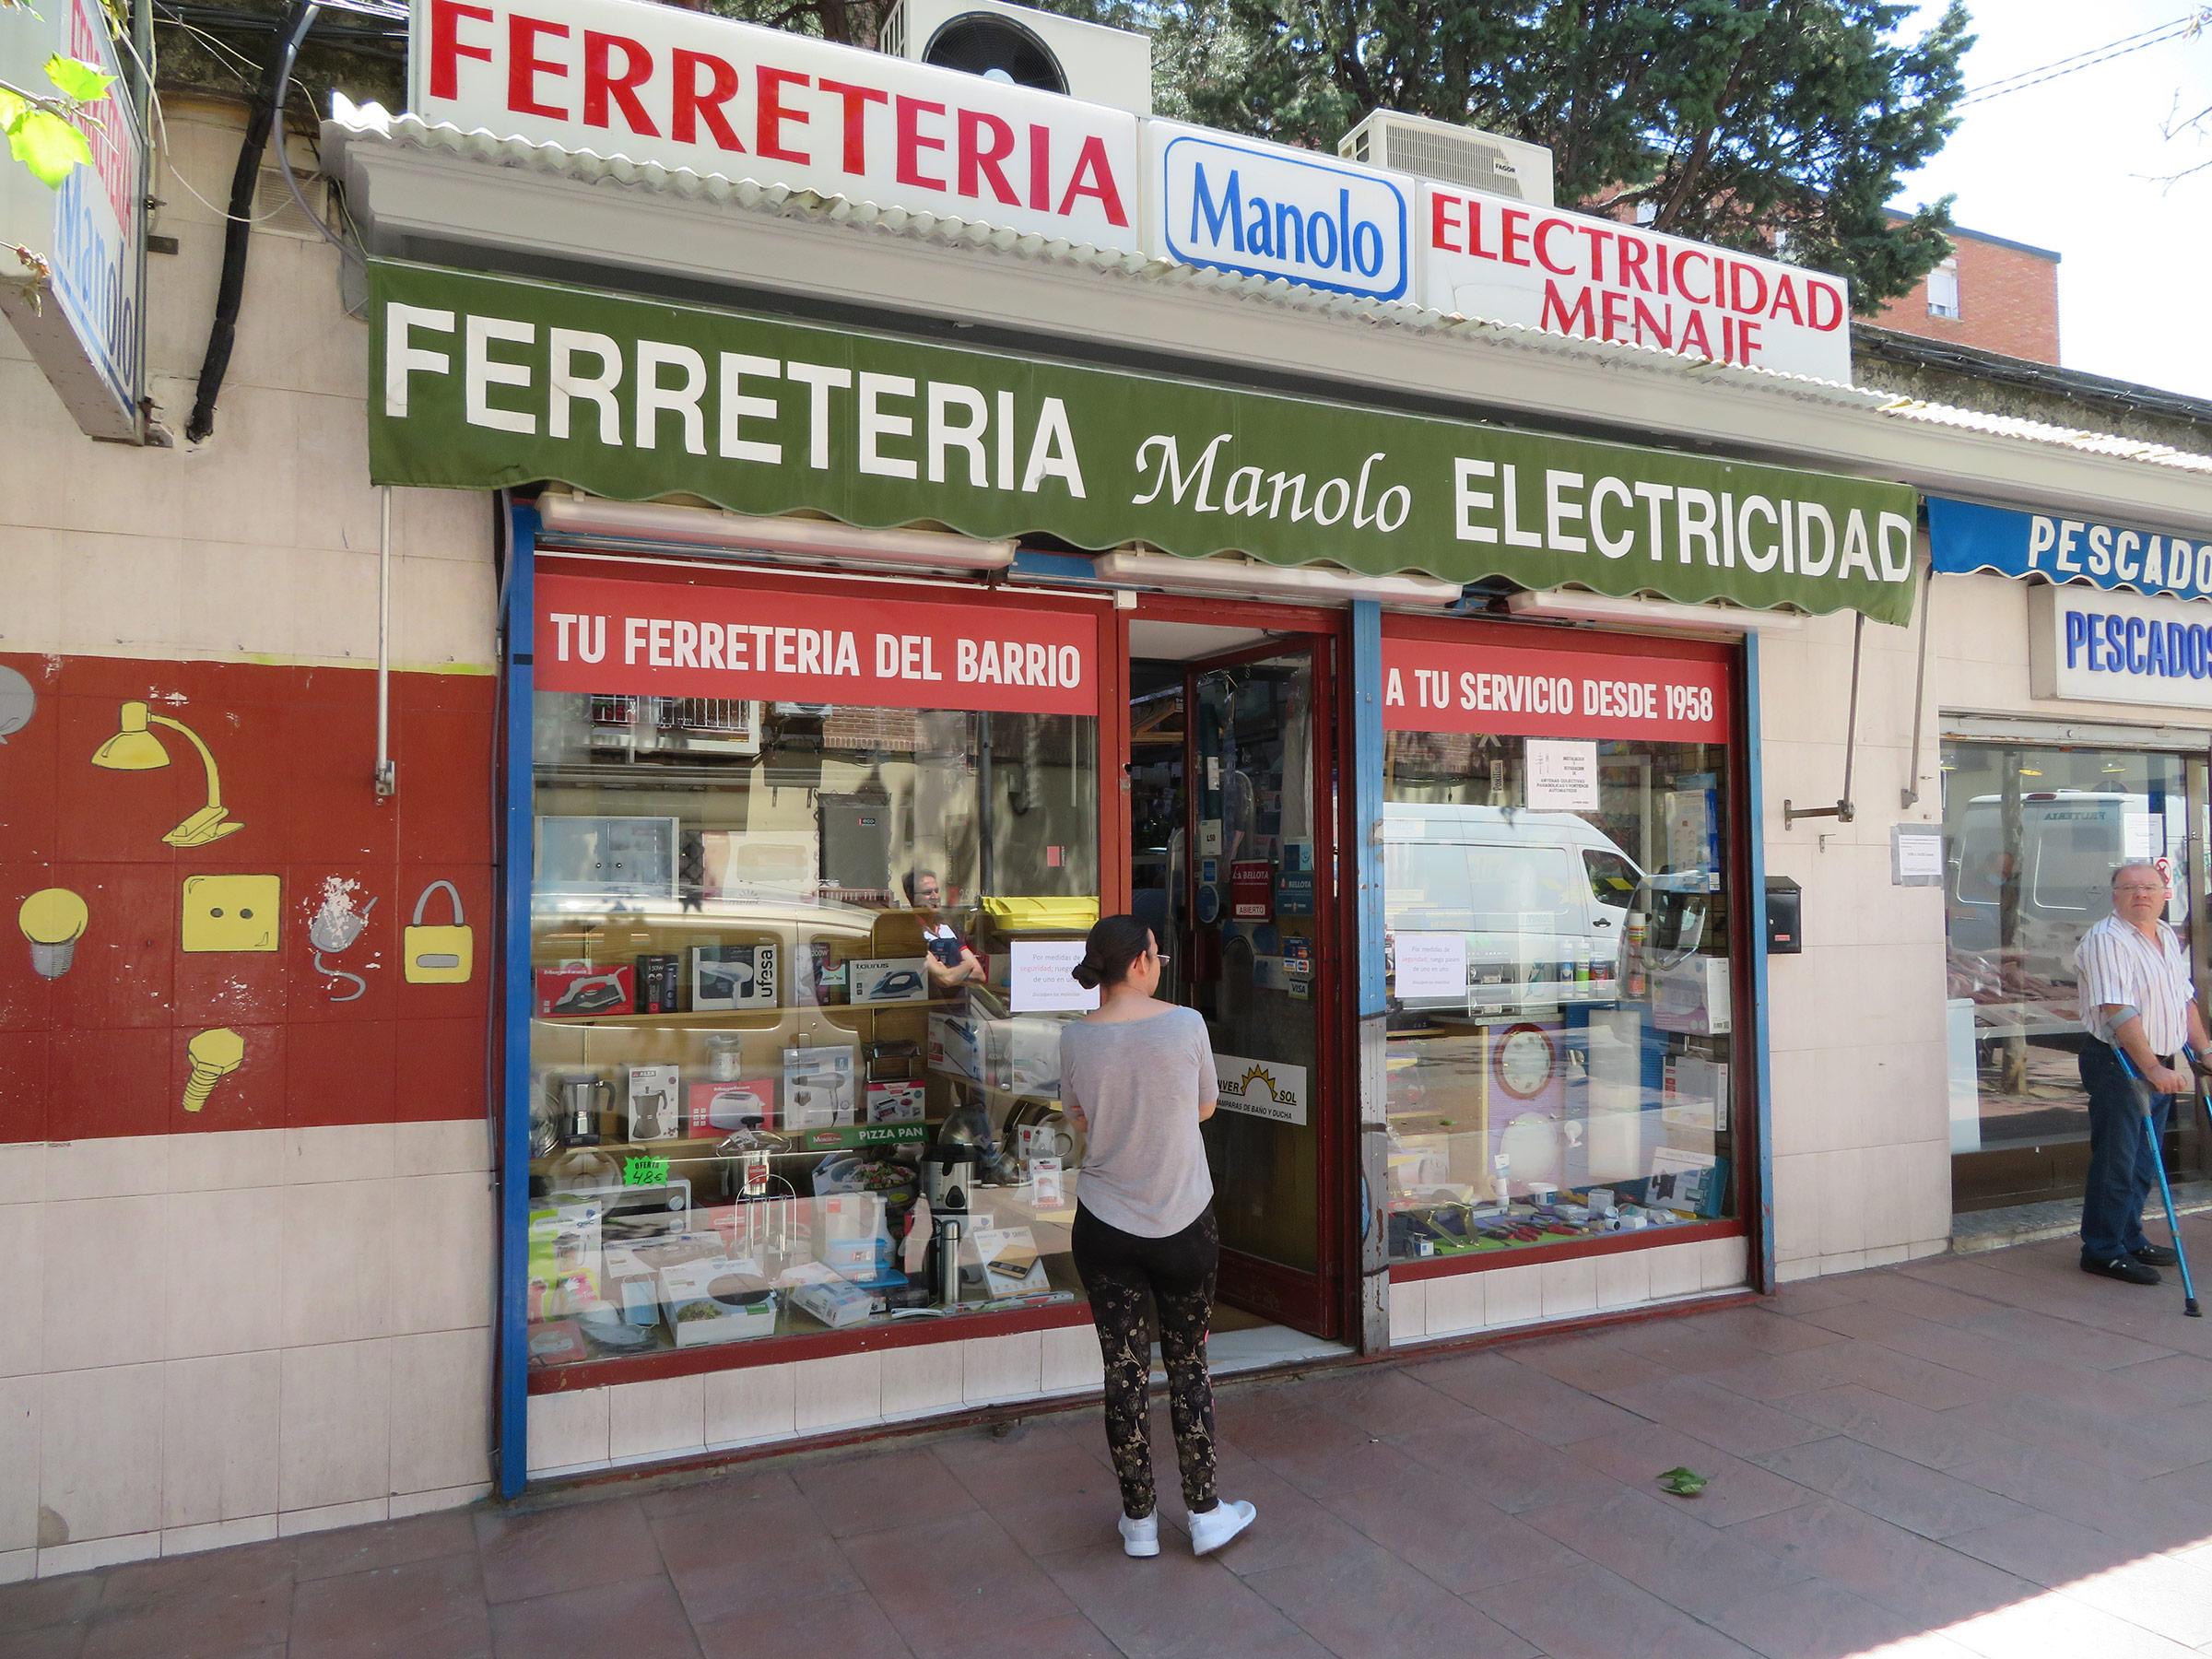 La Ferretería Manolo lleva más de años suministrando sus productos a los vecinos